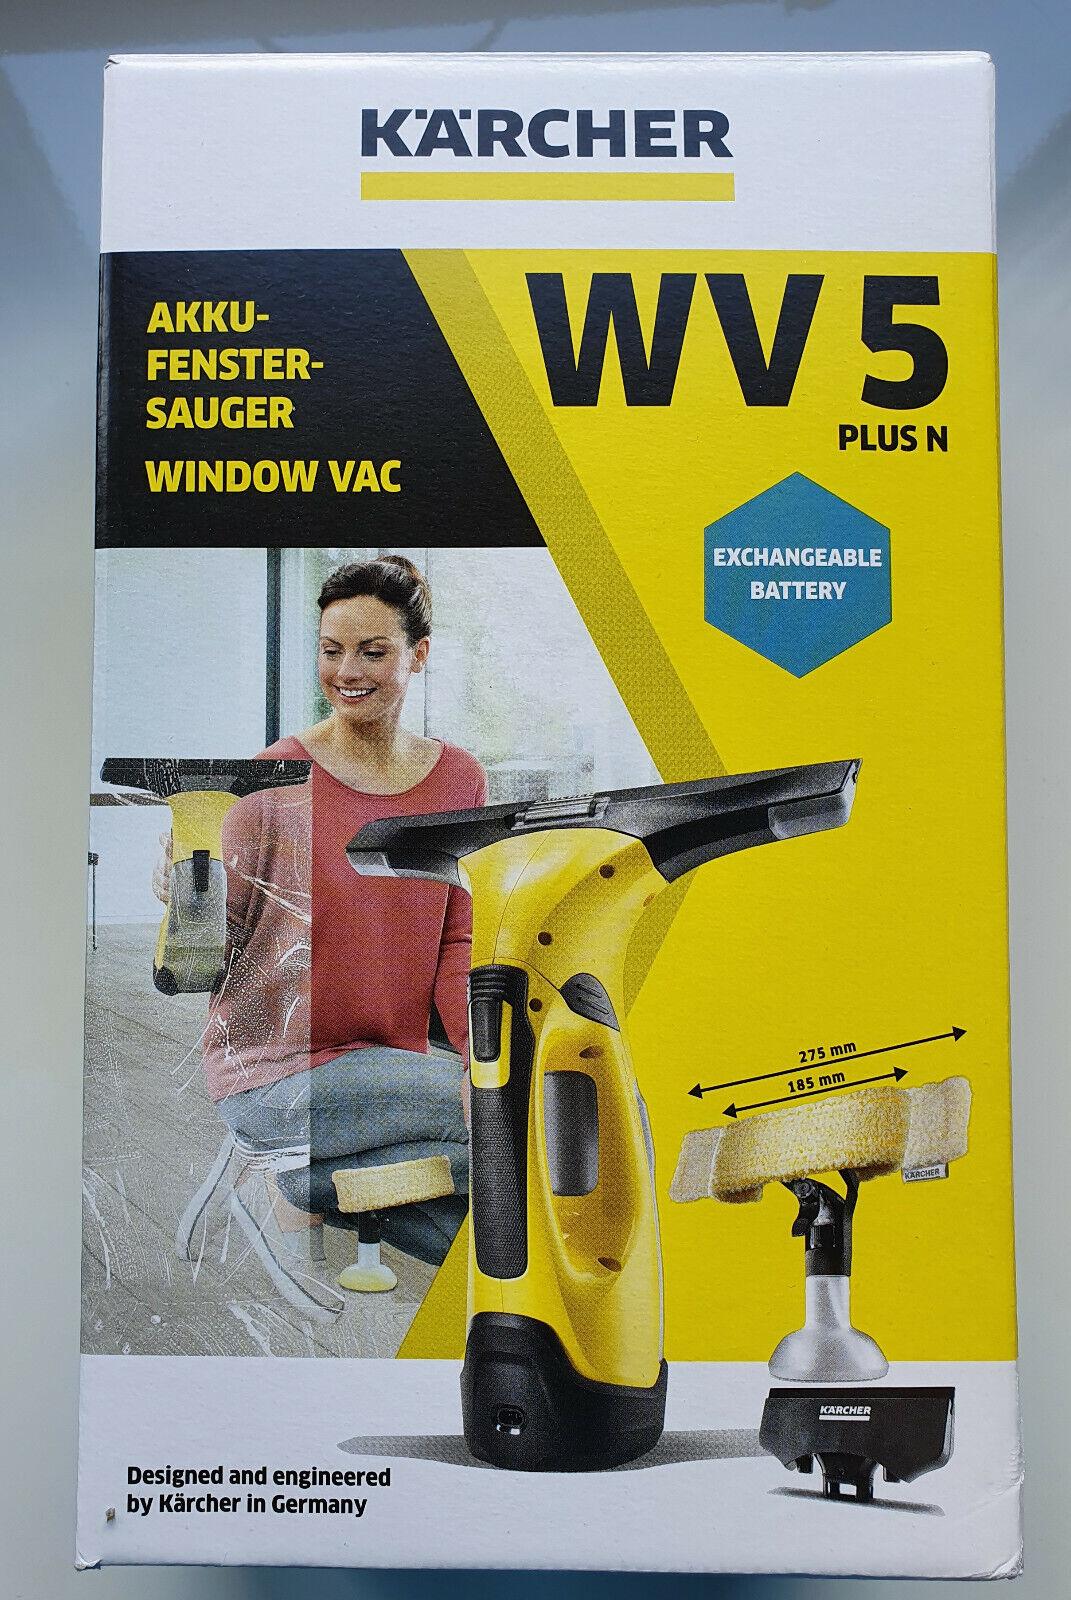 Kärcher Akku Fenstersauger WV 5 Plus N